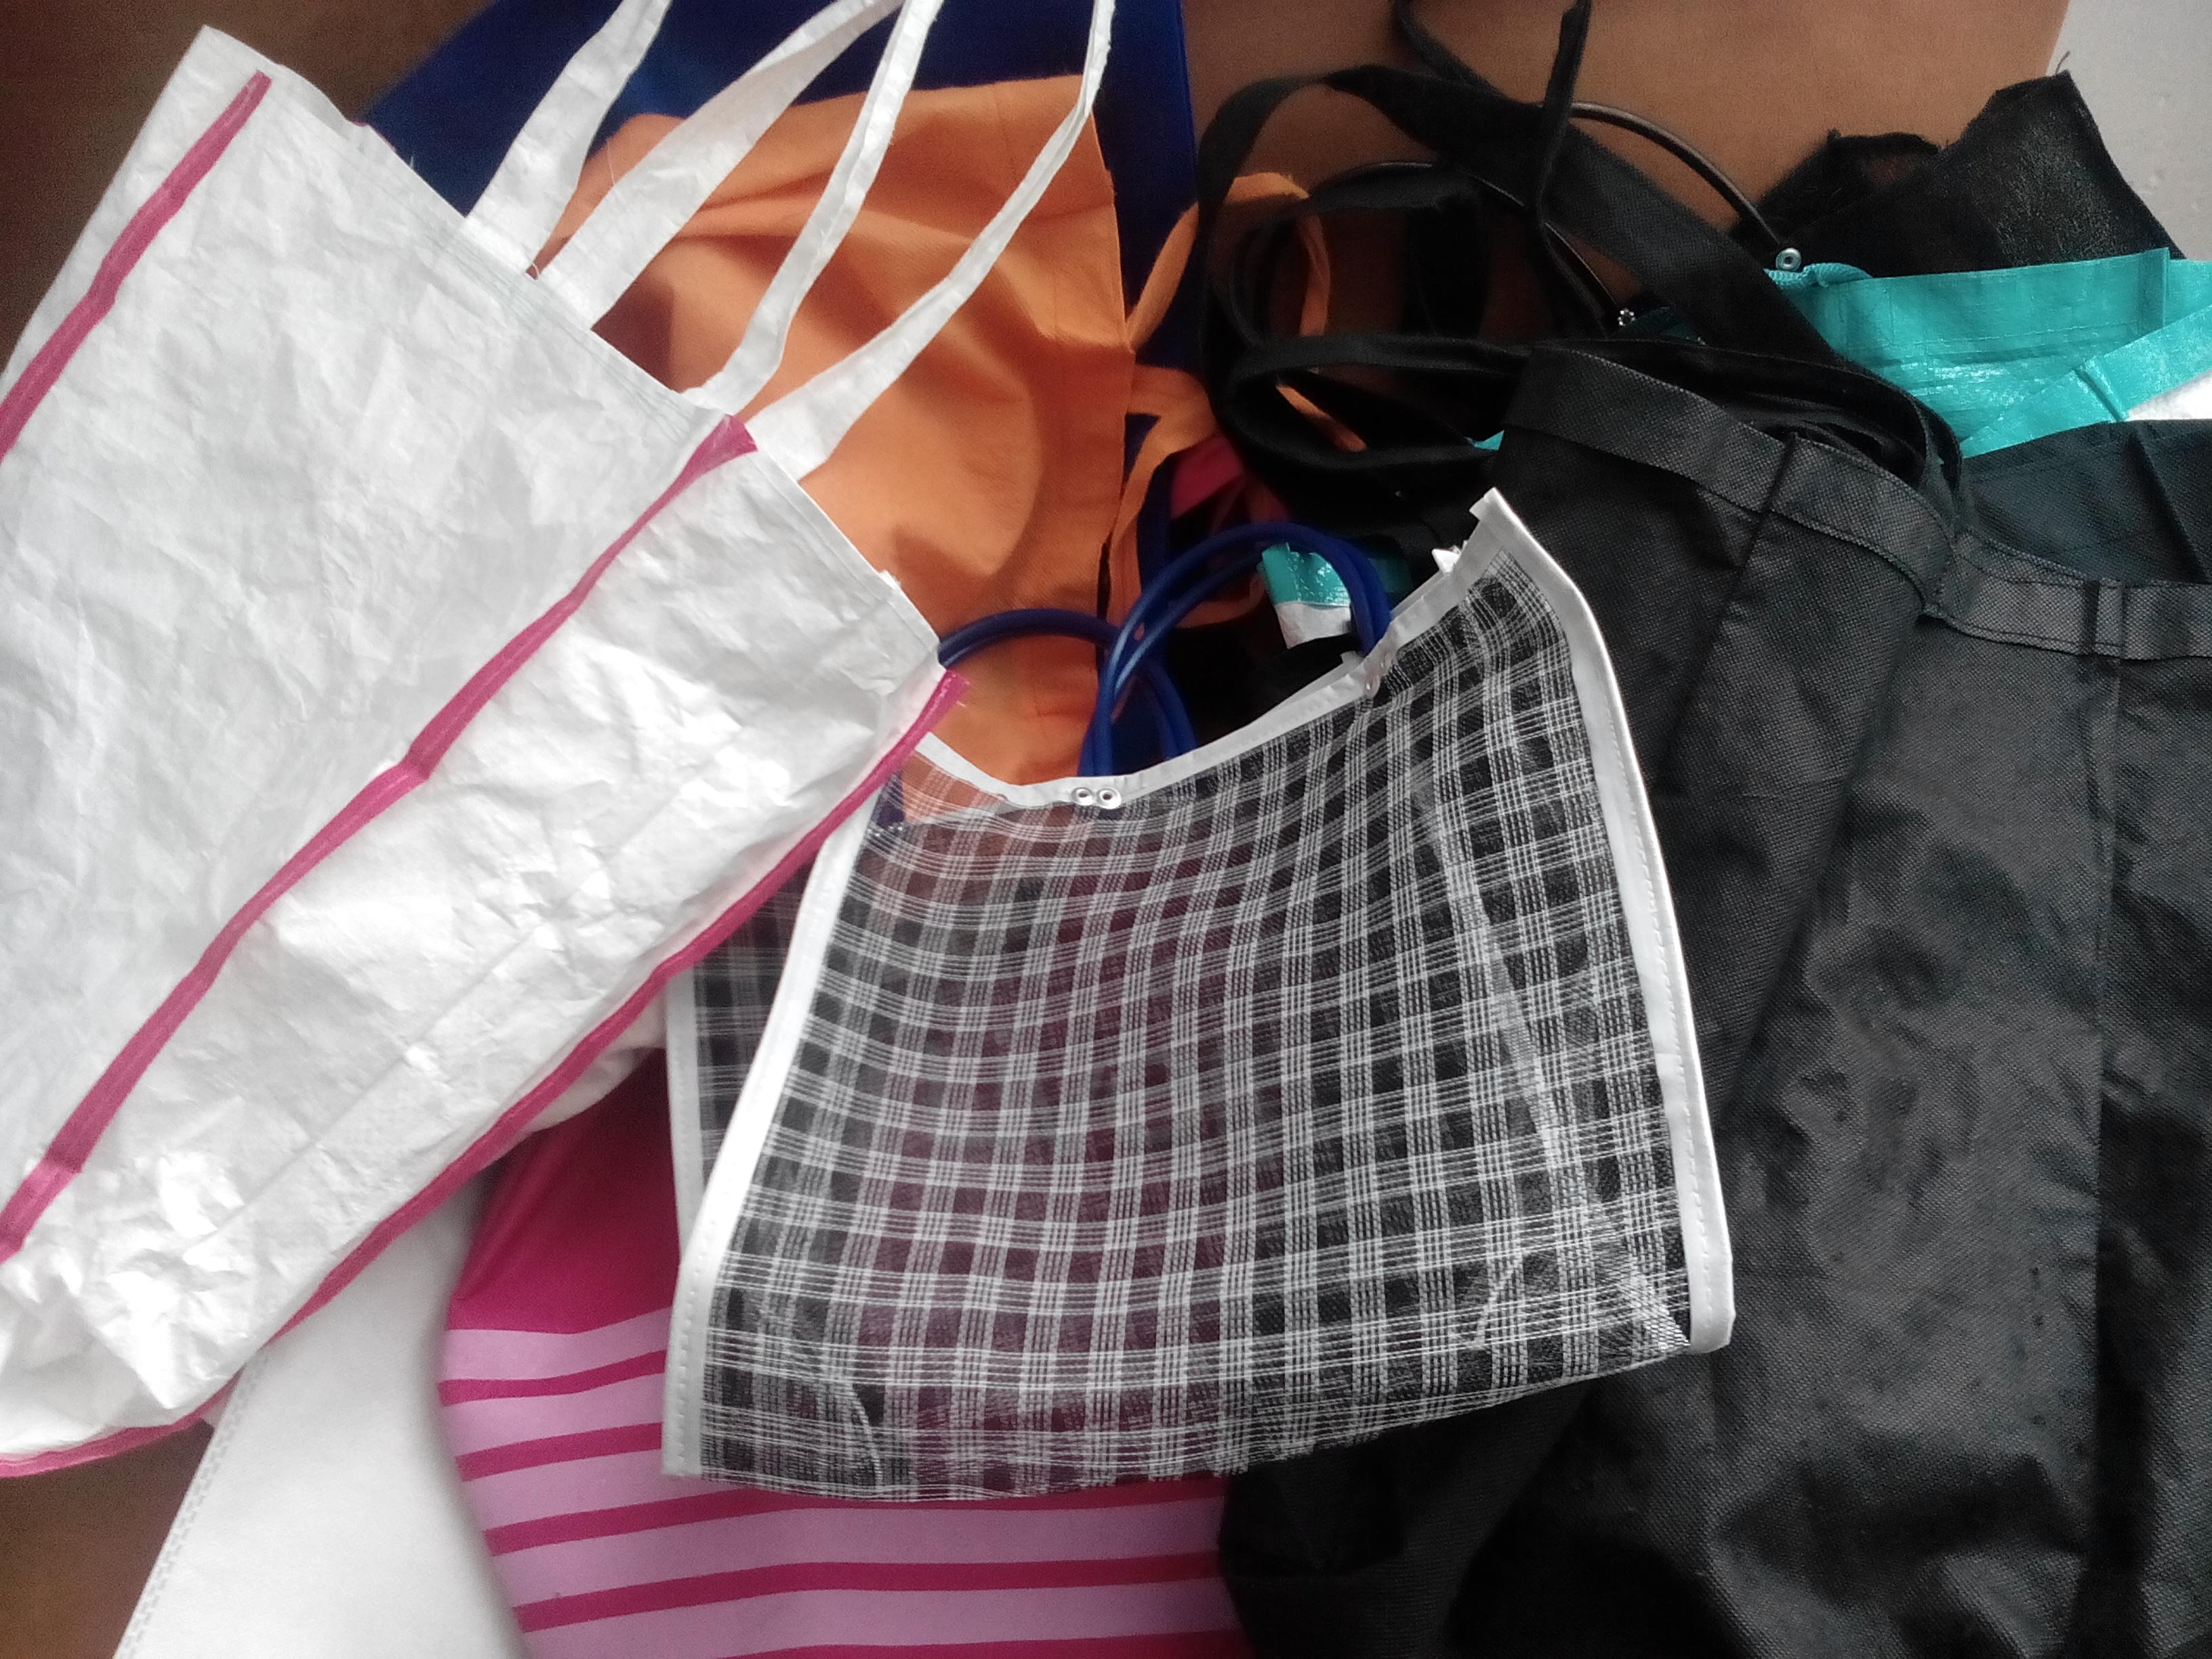 95f852ecd La hipocresía sobre la prohibición de bolsas de plástico